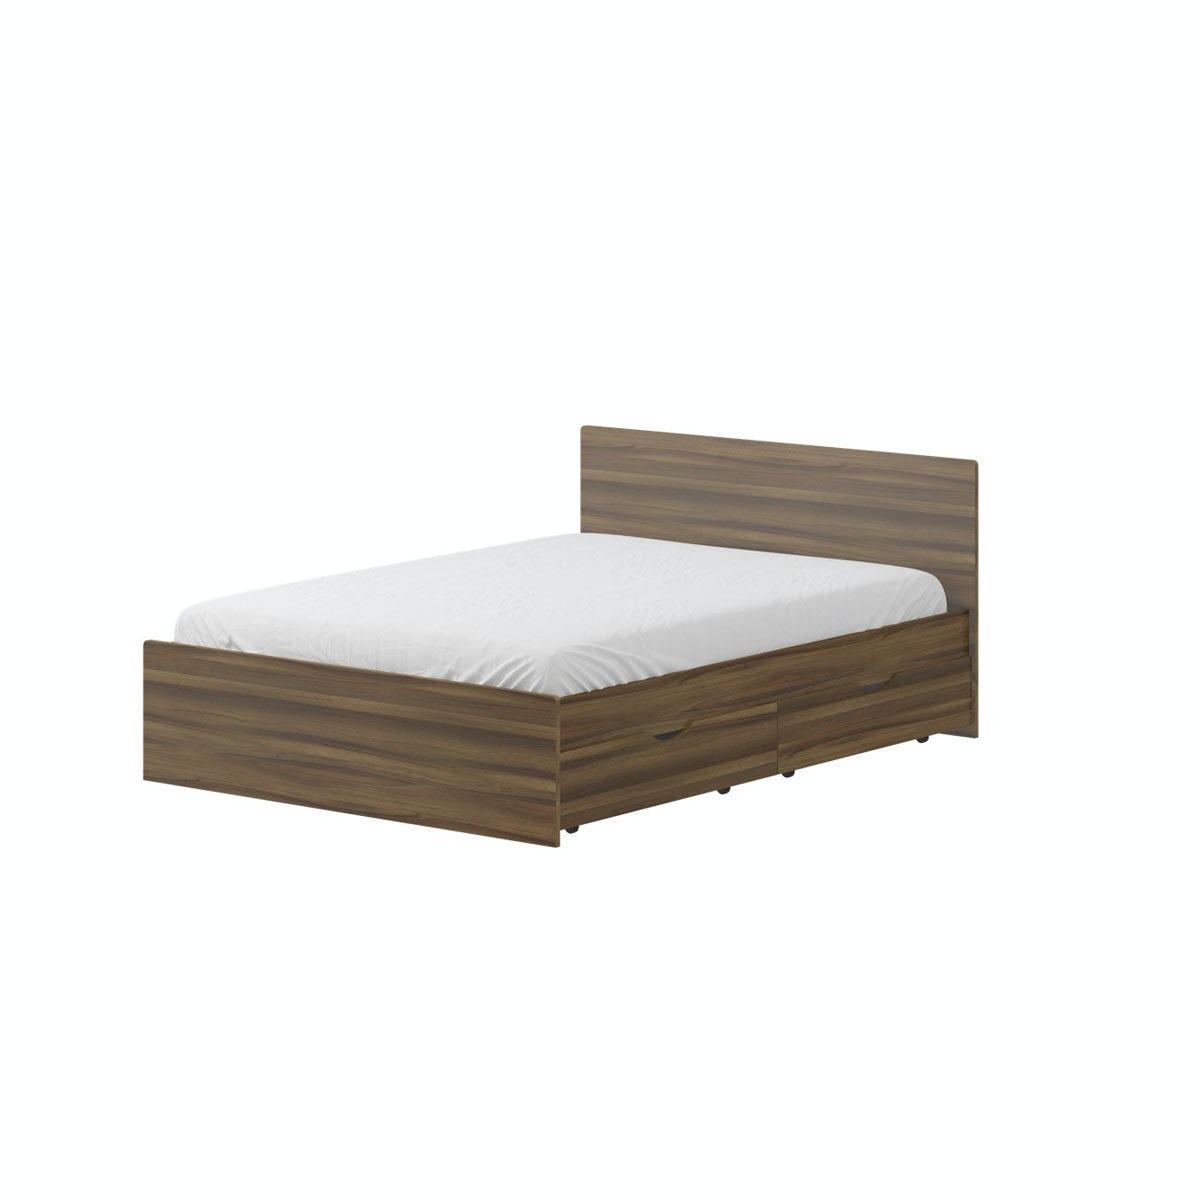 London Walnut 4'6 Bed in Walnut